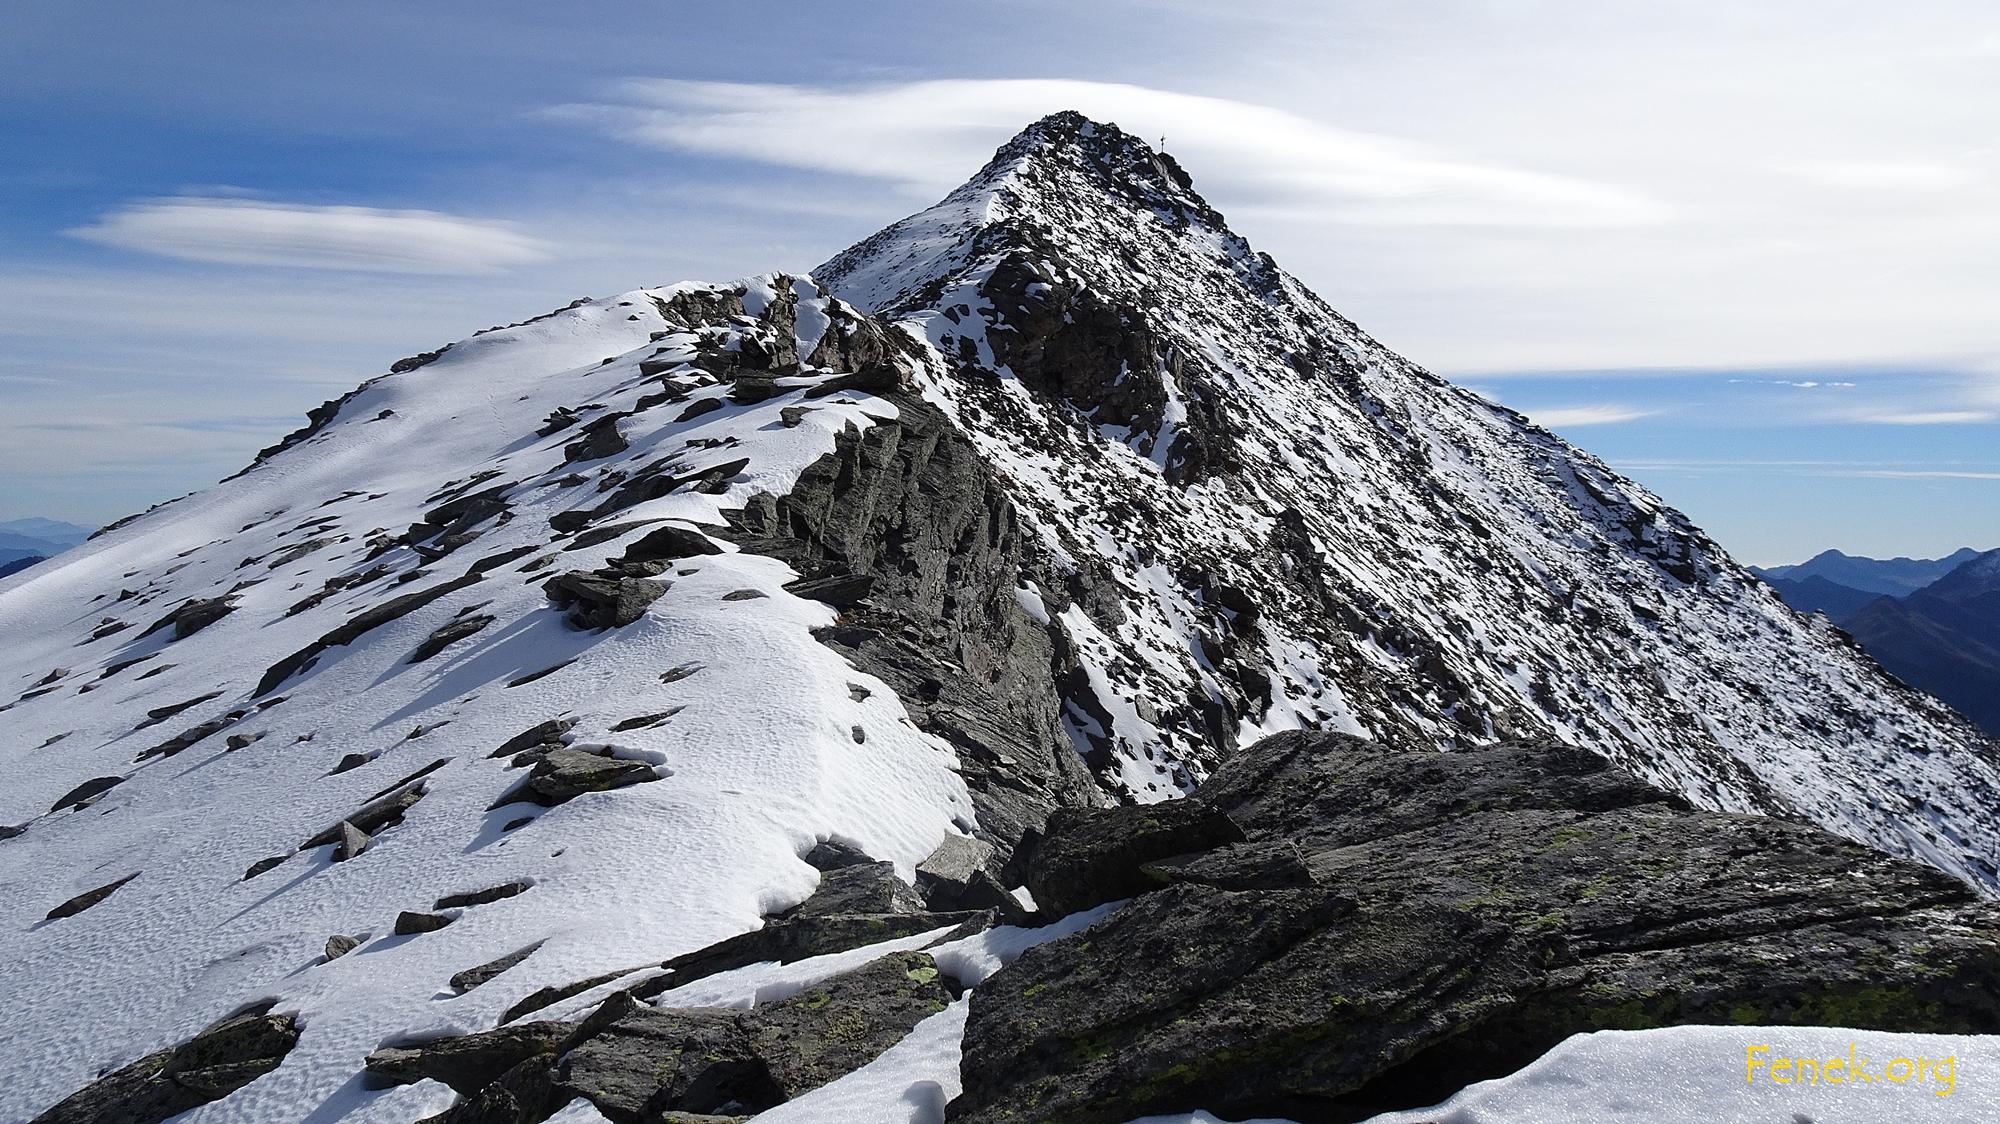 der Gipfel.... heute ohne Hilfsmittel für mich unerreichbar.... 80m haben gefehlt